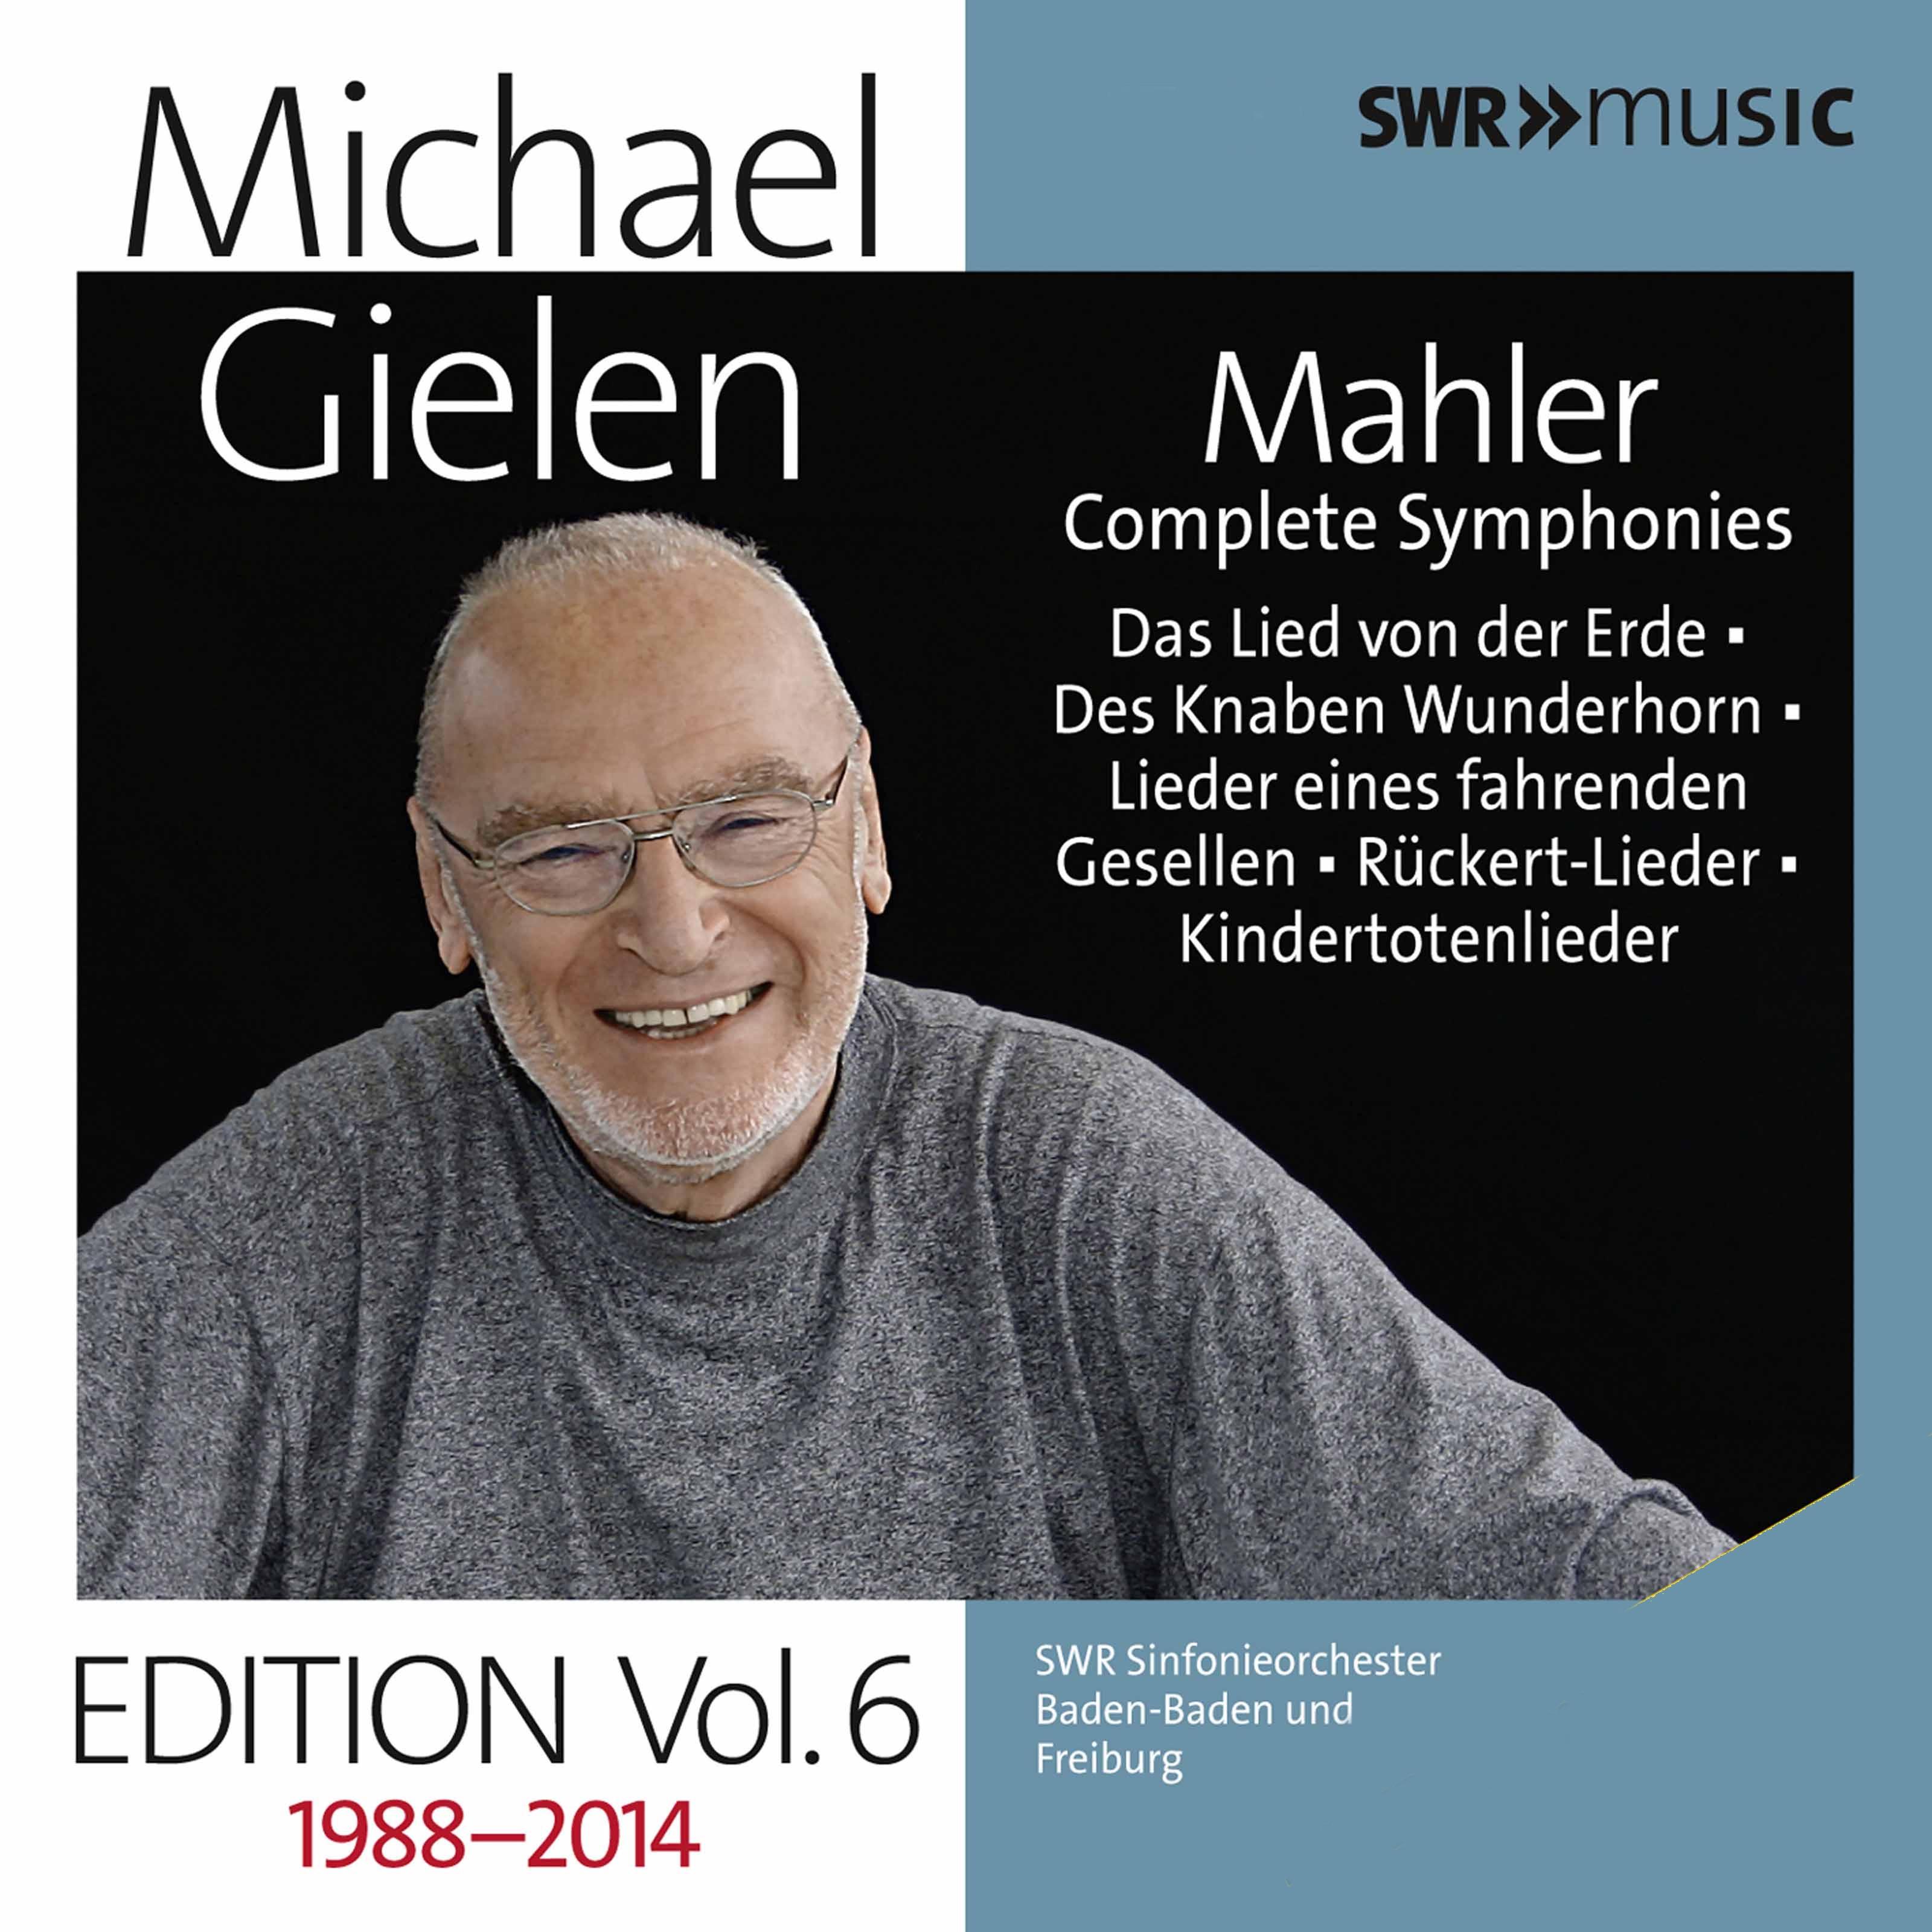 Symphony No. 10 in F-Sharp Minor (Completed by D. Cooke): II. Scherzo. Schnelle Viertel - Plötzlich viel langsamer - Gemächliches Landler-Tempo - Tempo I